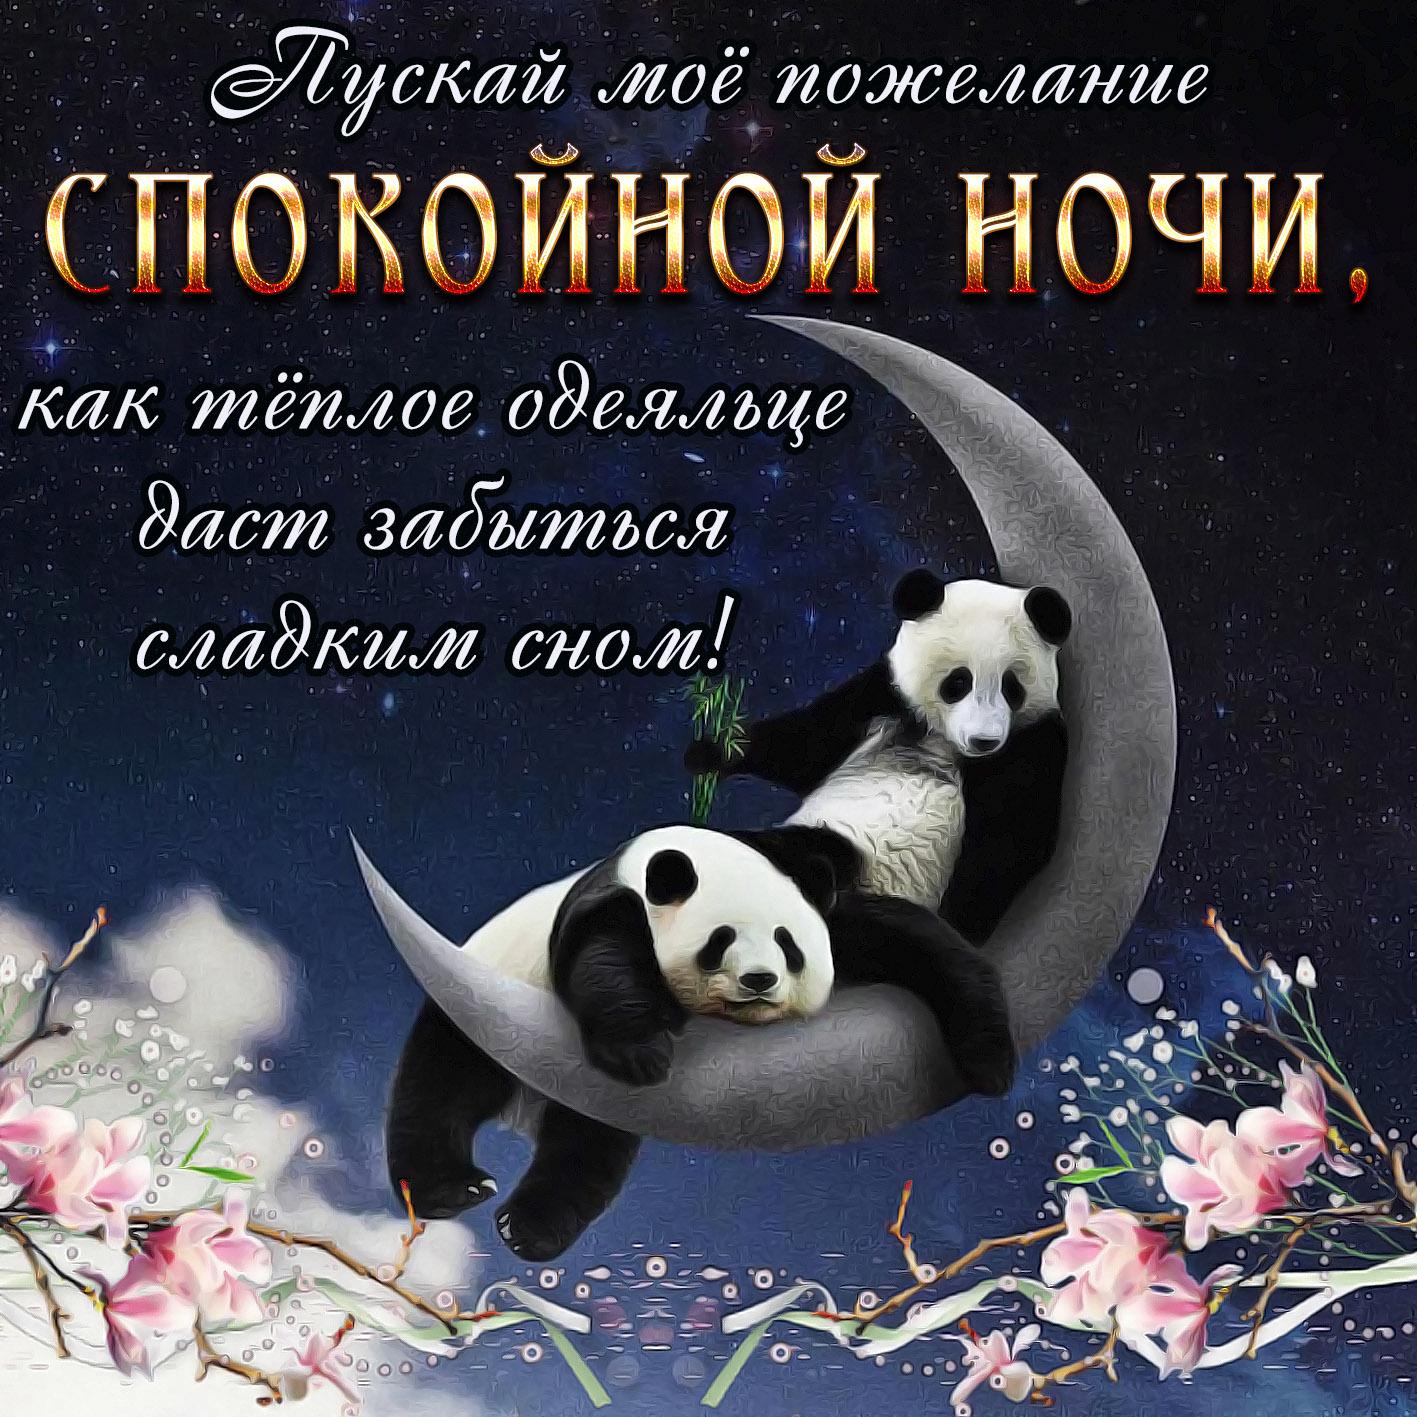 Спокойной ночи милые открытки